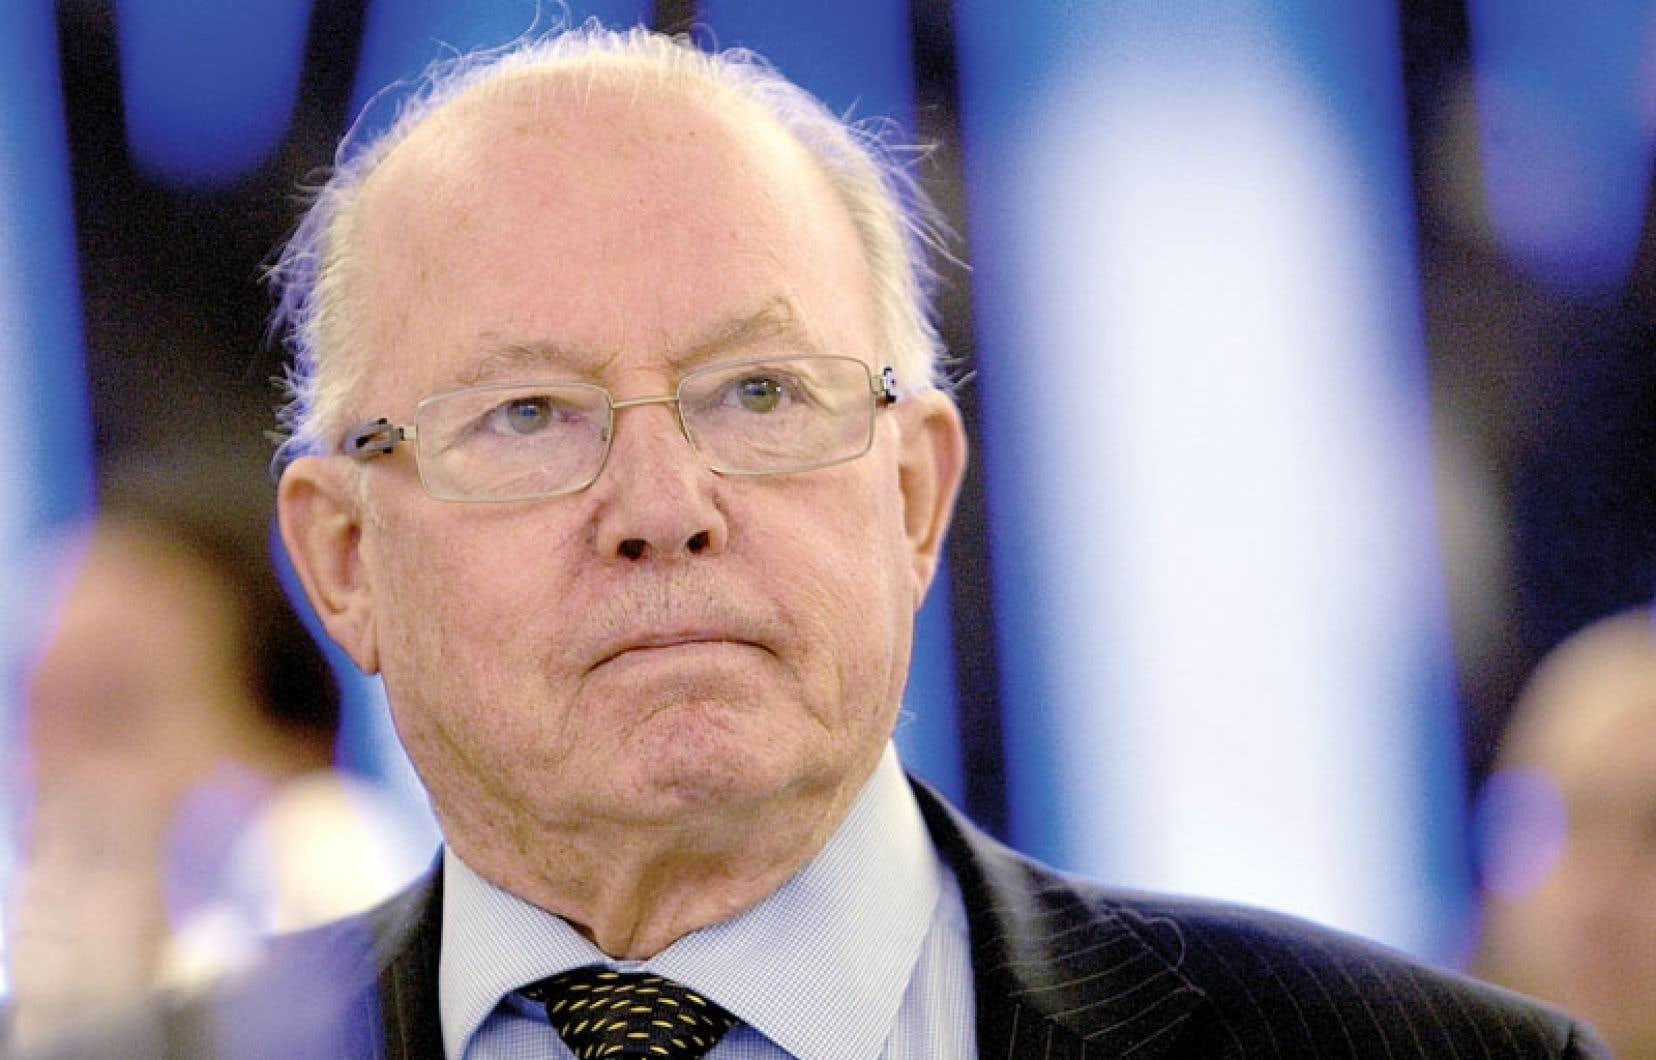 L'ex-premier ministre Bernard Landry attend de voir les propositions concrètes du gouvernement Marois avant de tirer des conclusions définitives de la Charte des valeurs.